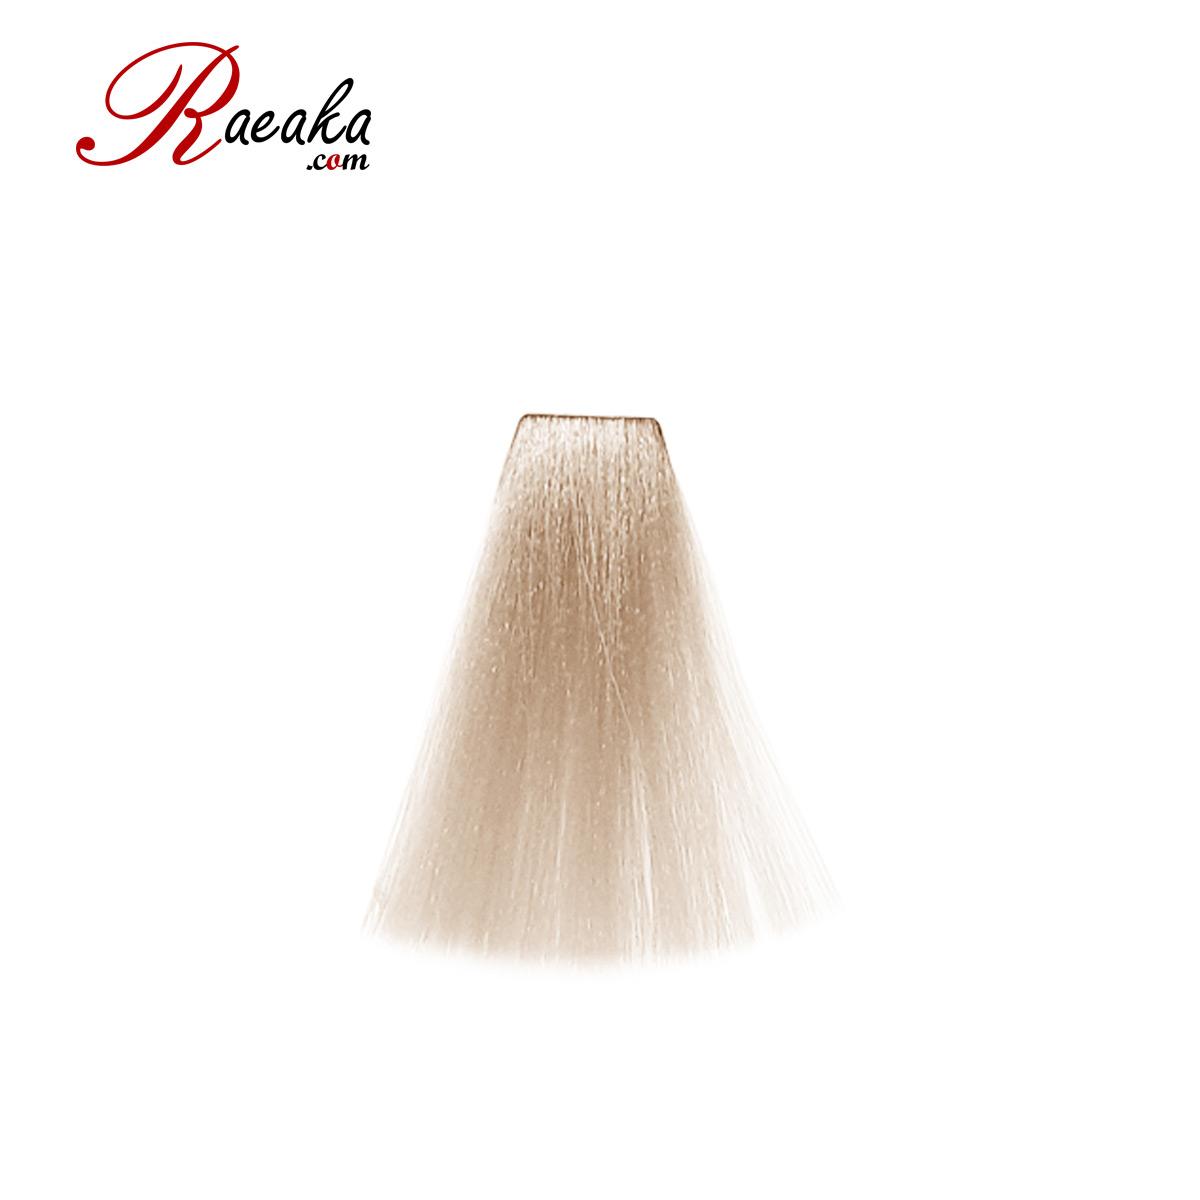 رنگ مو دوشس سری هایلایت حرفه ای شماره 32-12 حجم 125 میلی لیتر